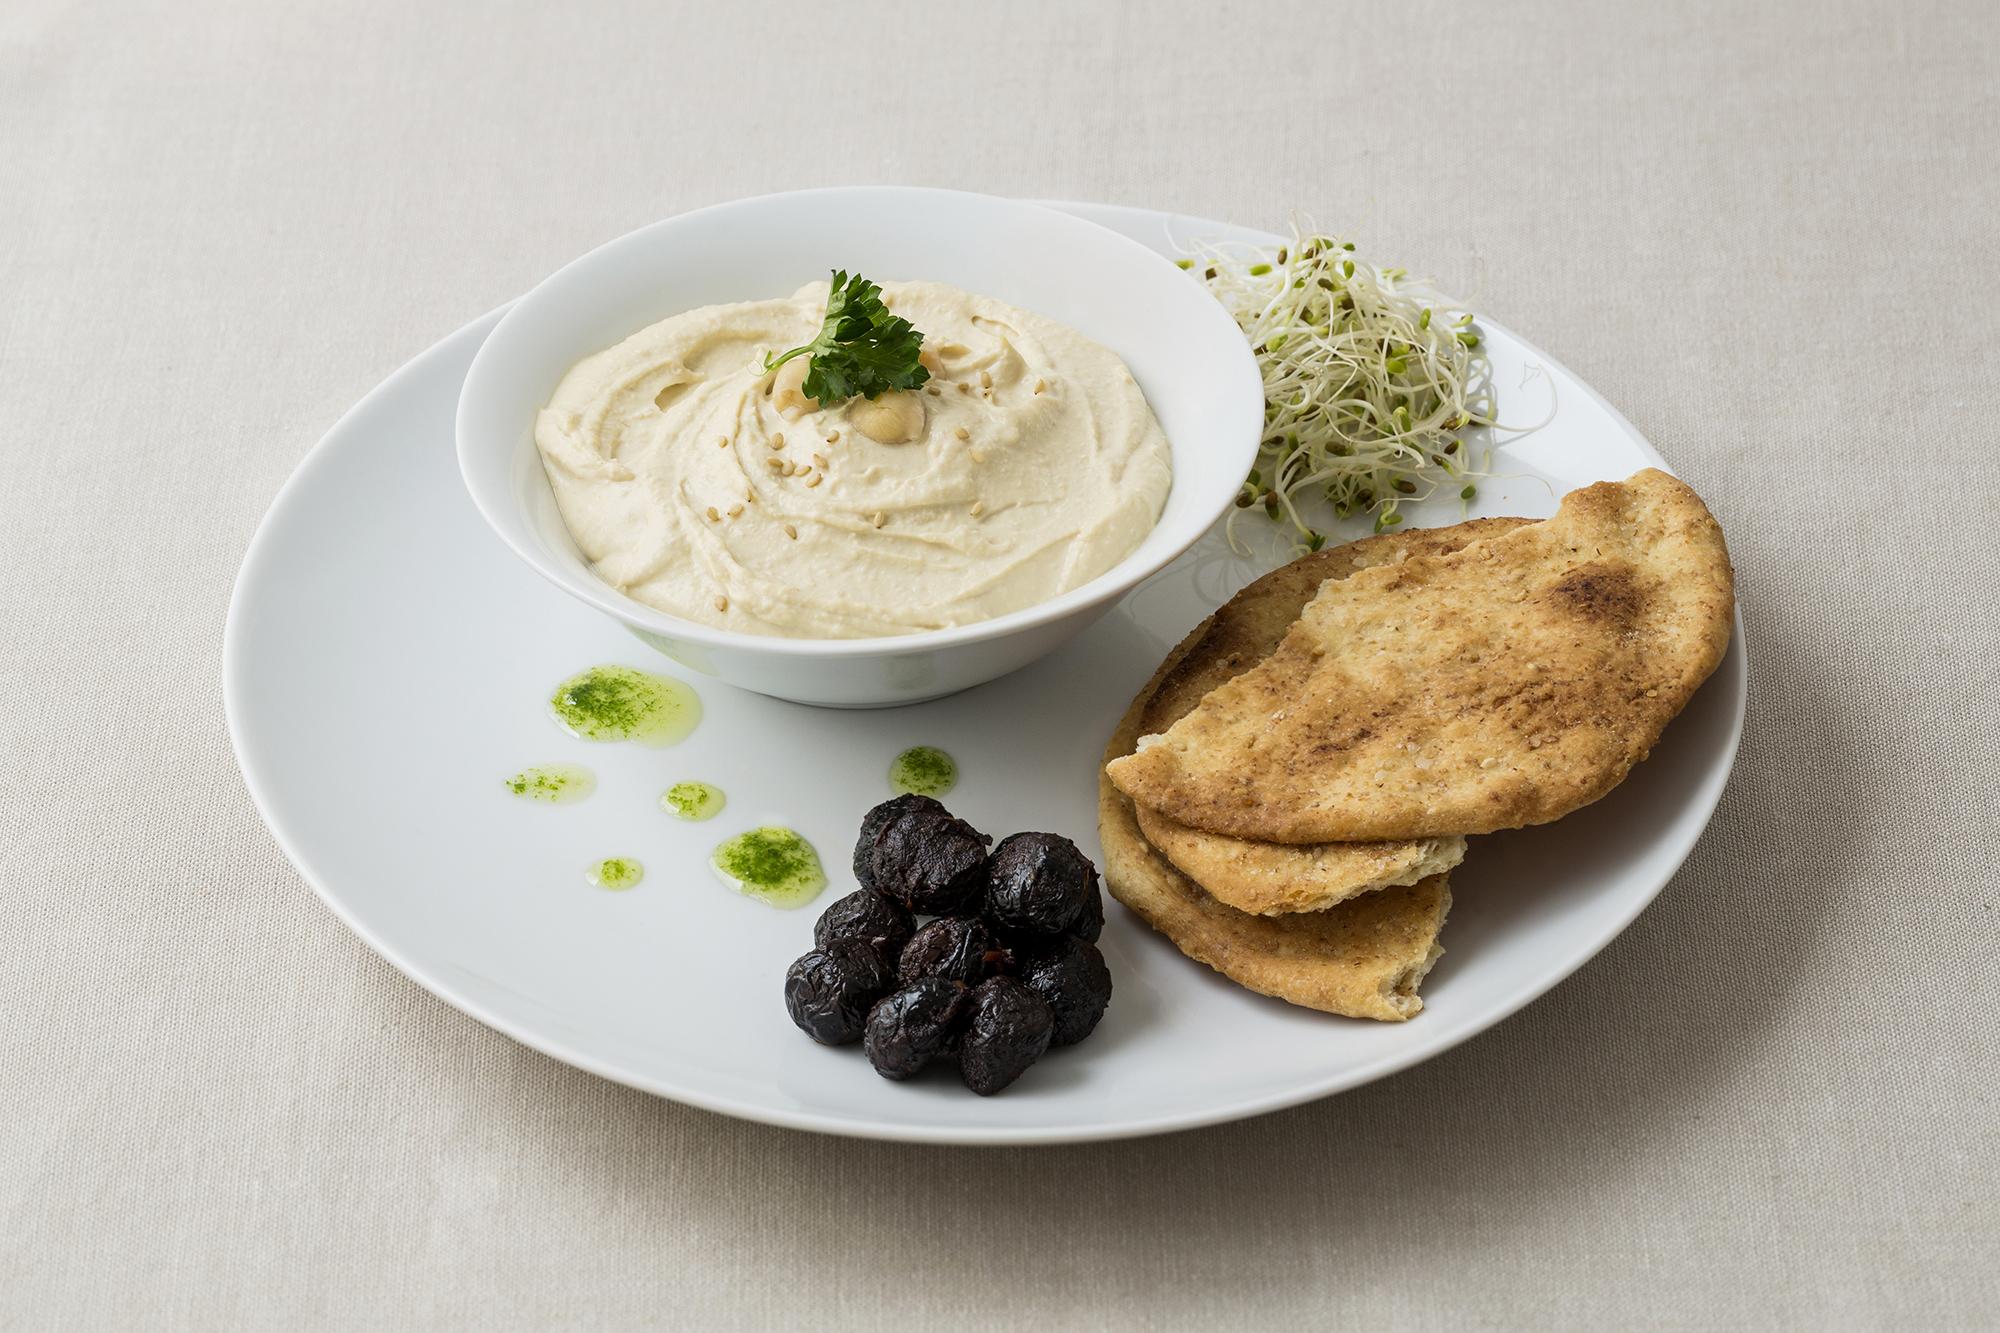 Tortas con sésamo y sal. Receta humus